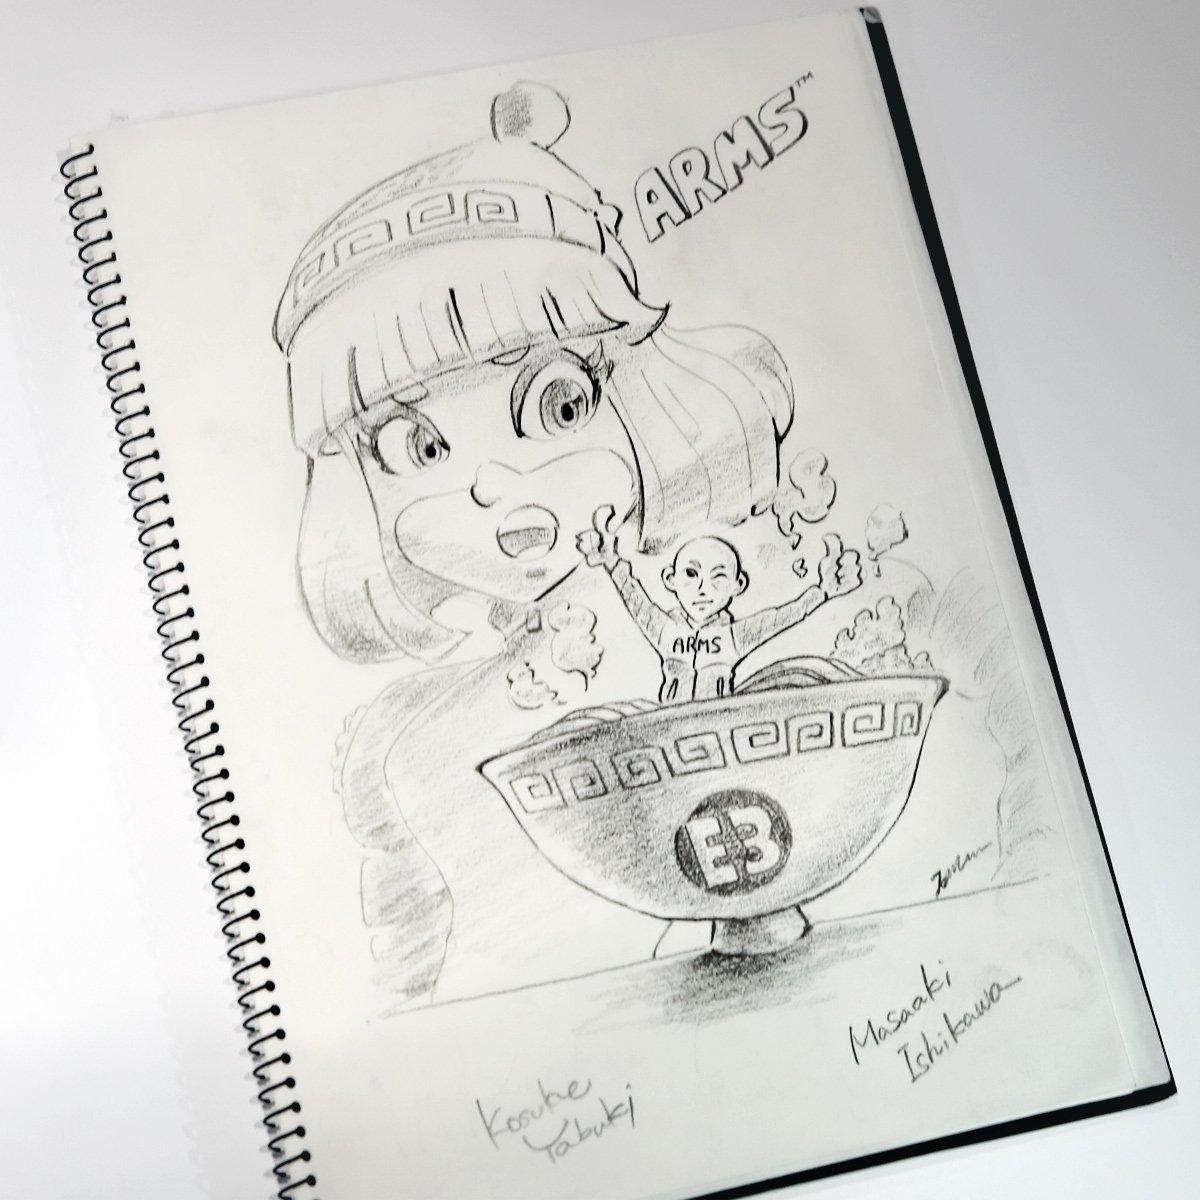 『ARMS』のアートディレクター・石川雅祥氏によるラフスケッチが公開!【E3 2017】